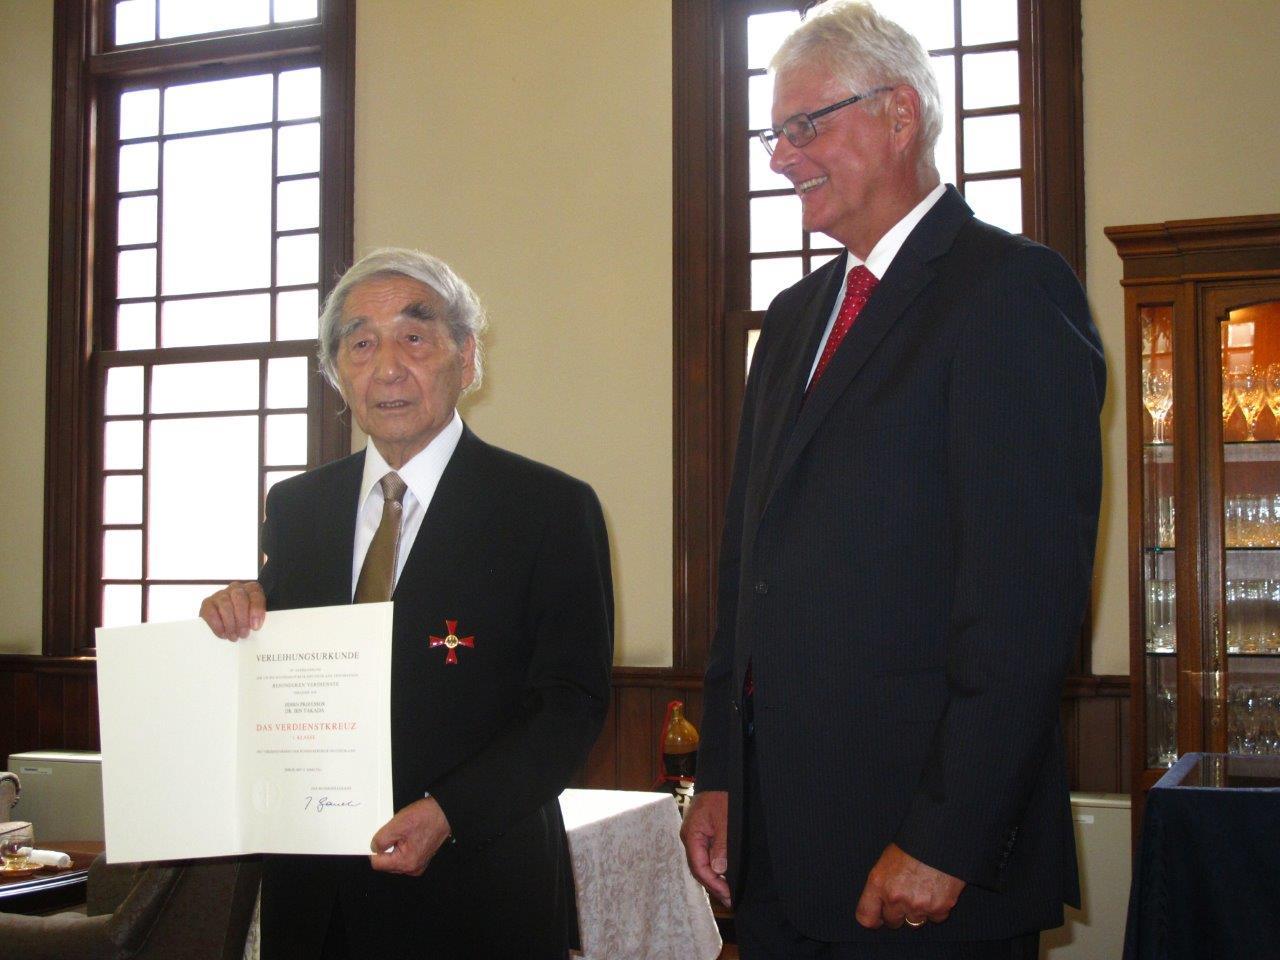 高田敏先生のドイツ連邦共和国功労勲章一等功労十字章受賞に寄せて ...